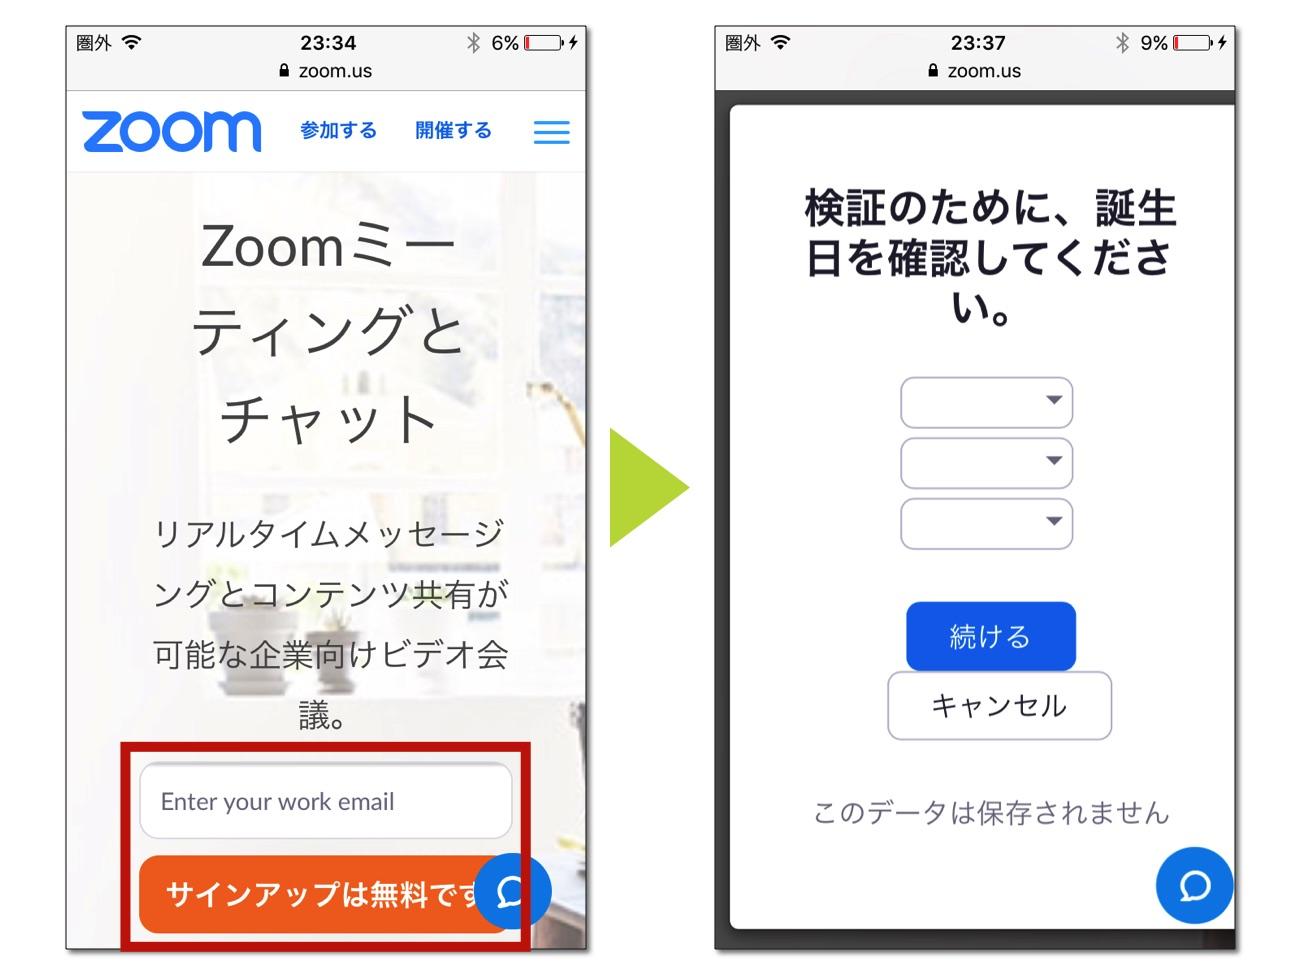 「Zoom」の公式サイトでサインアップ(登録)